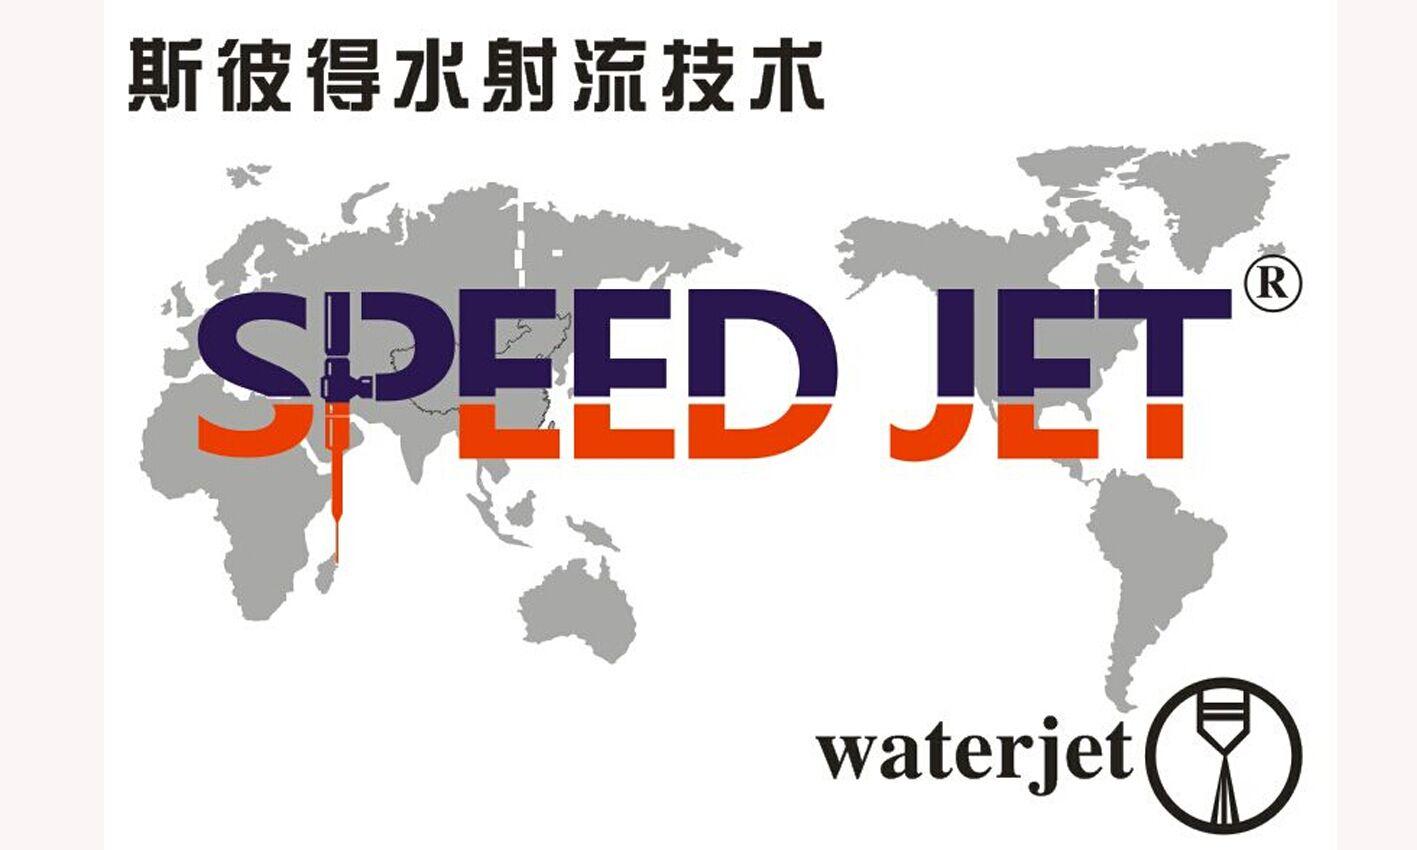 Huizhouspeed waterjet technology Co., Ltd.